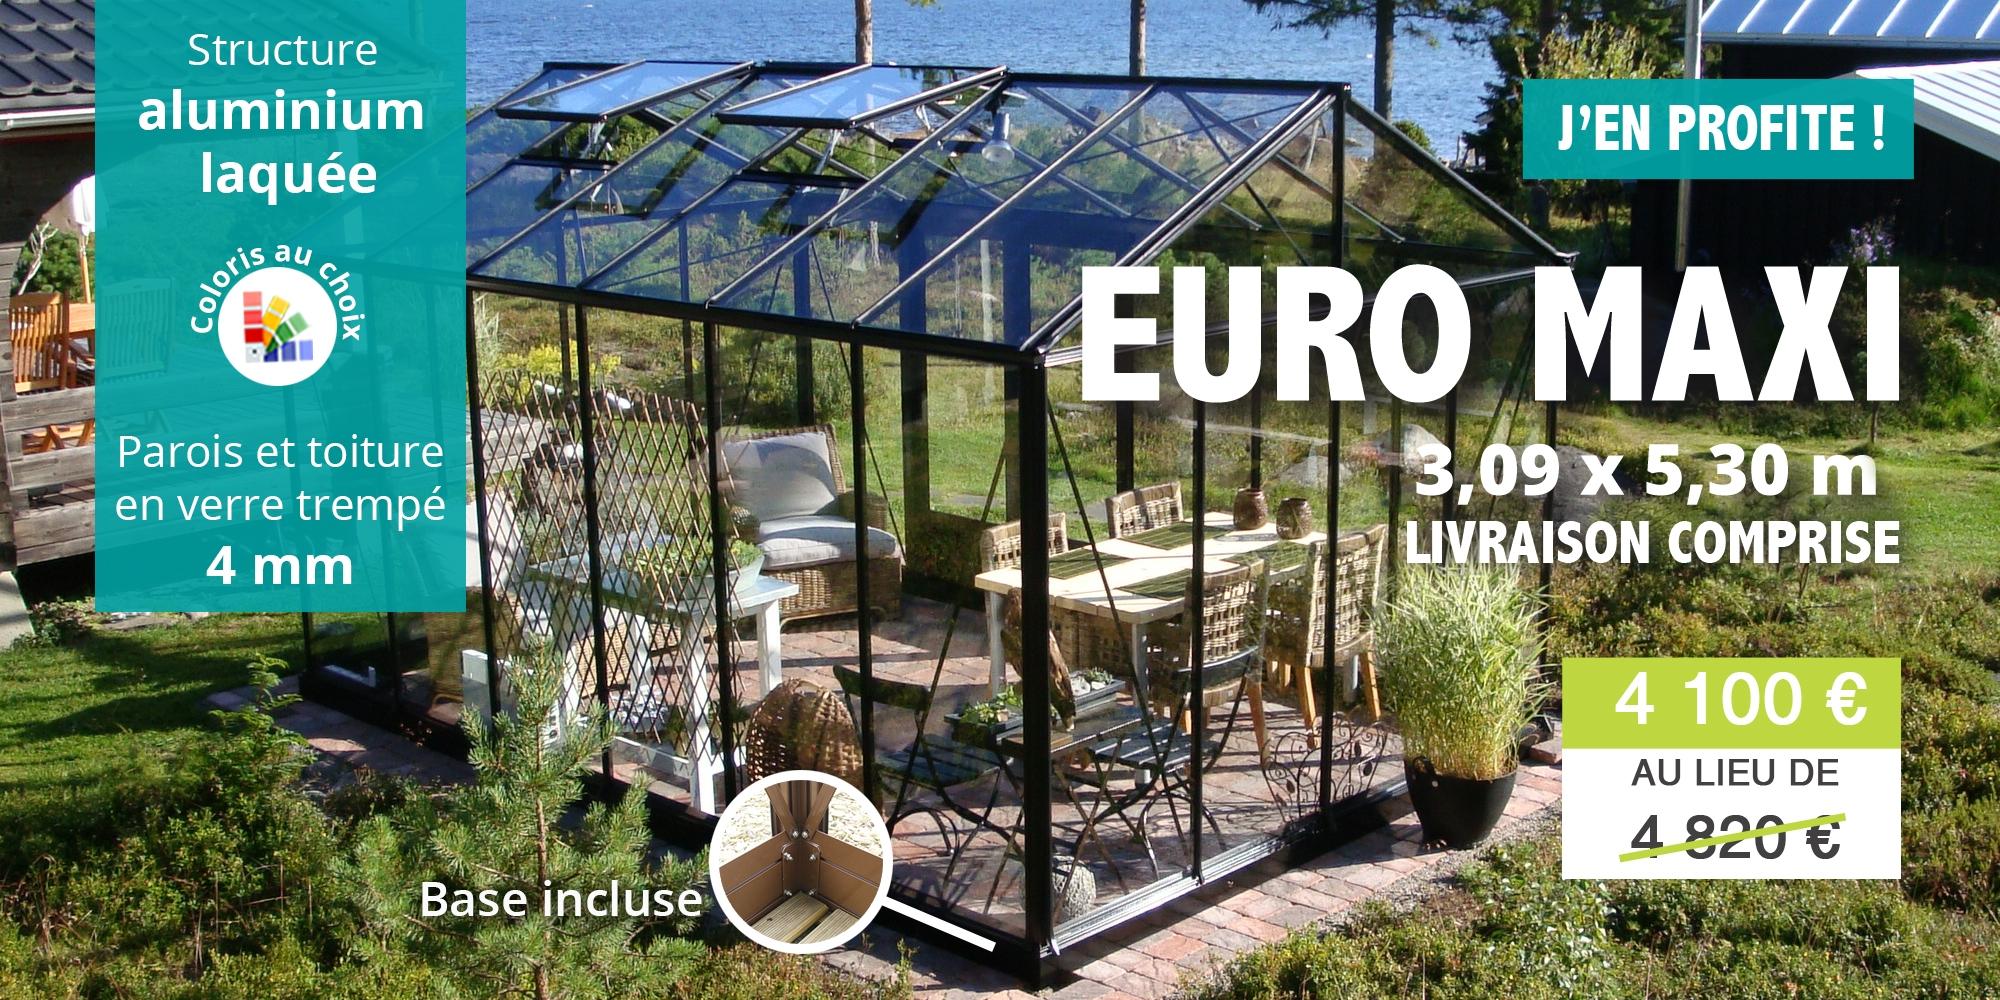 promotion serre euro maxi largeur 3,09 m et profondeur 5,30 m